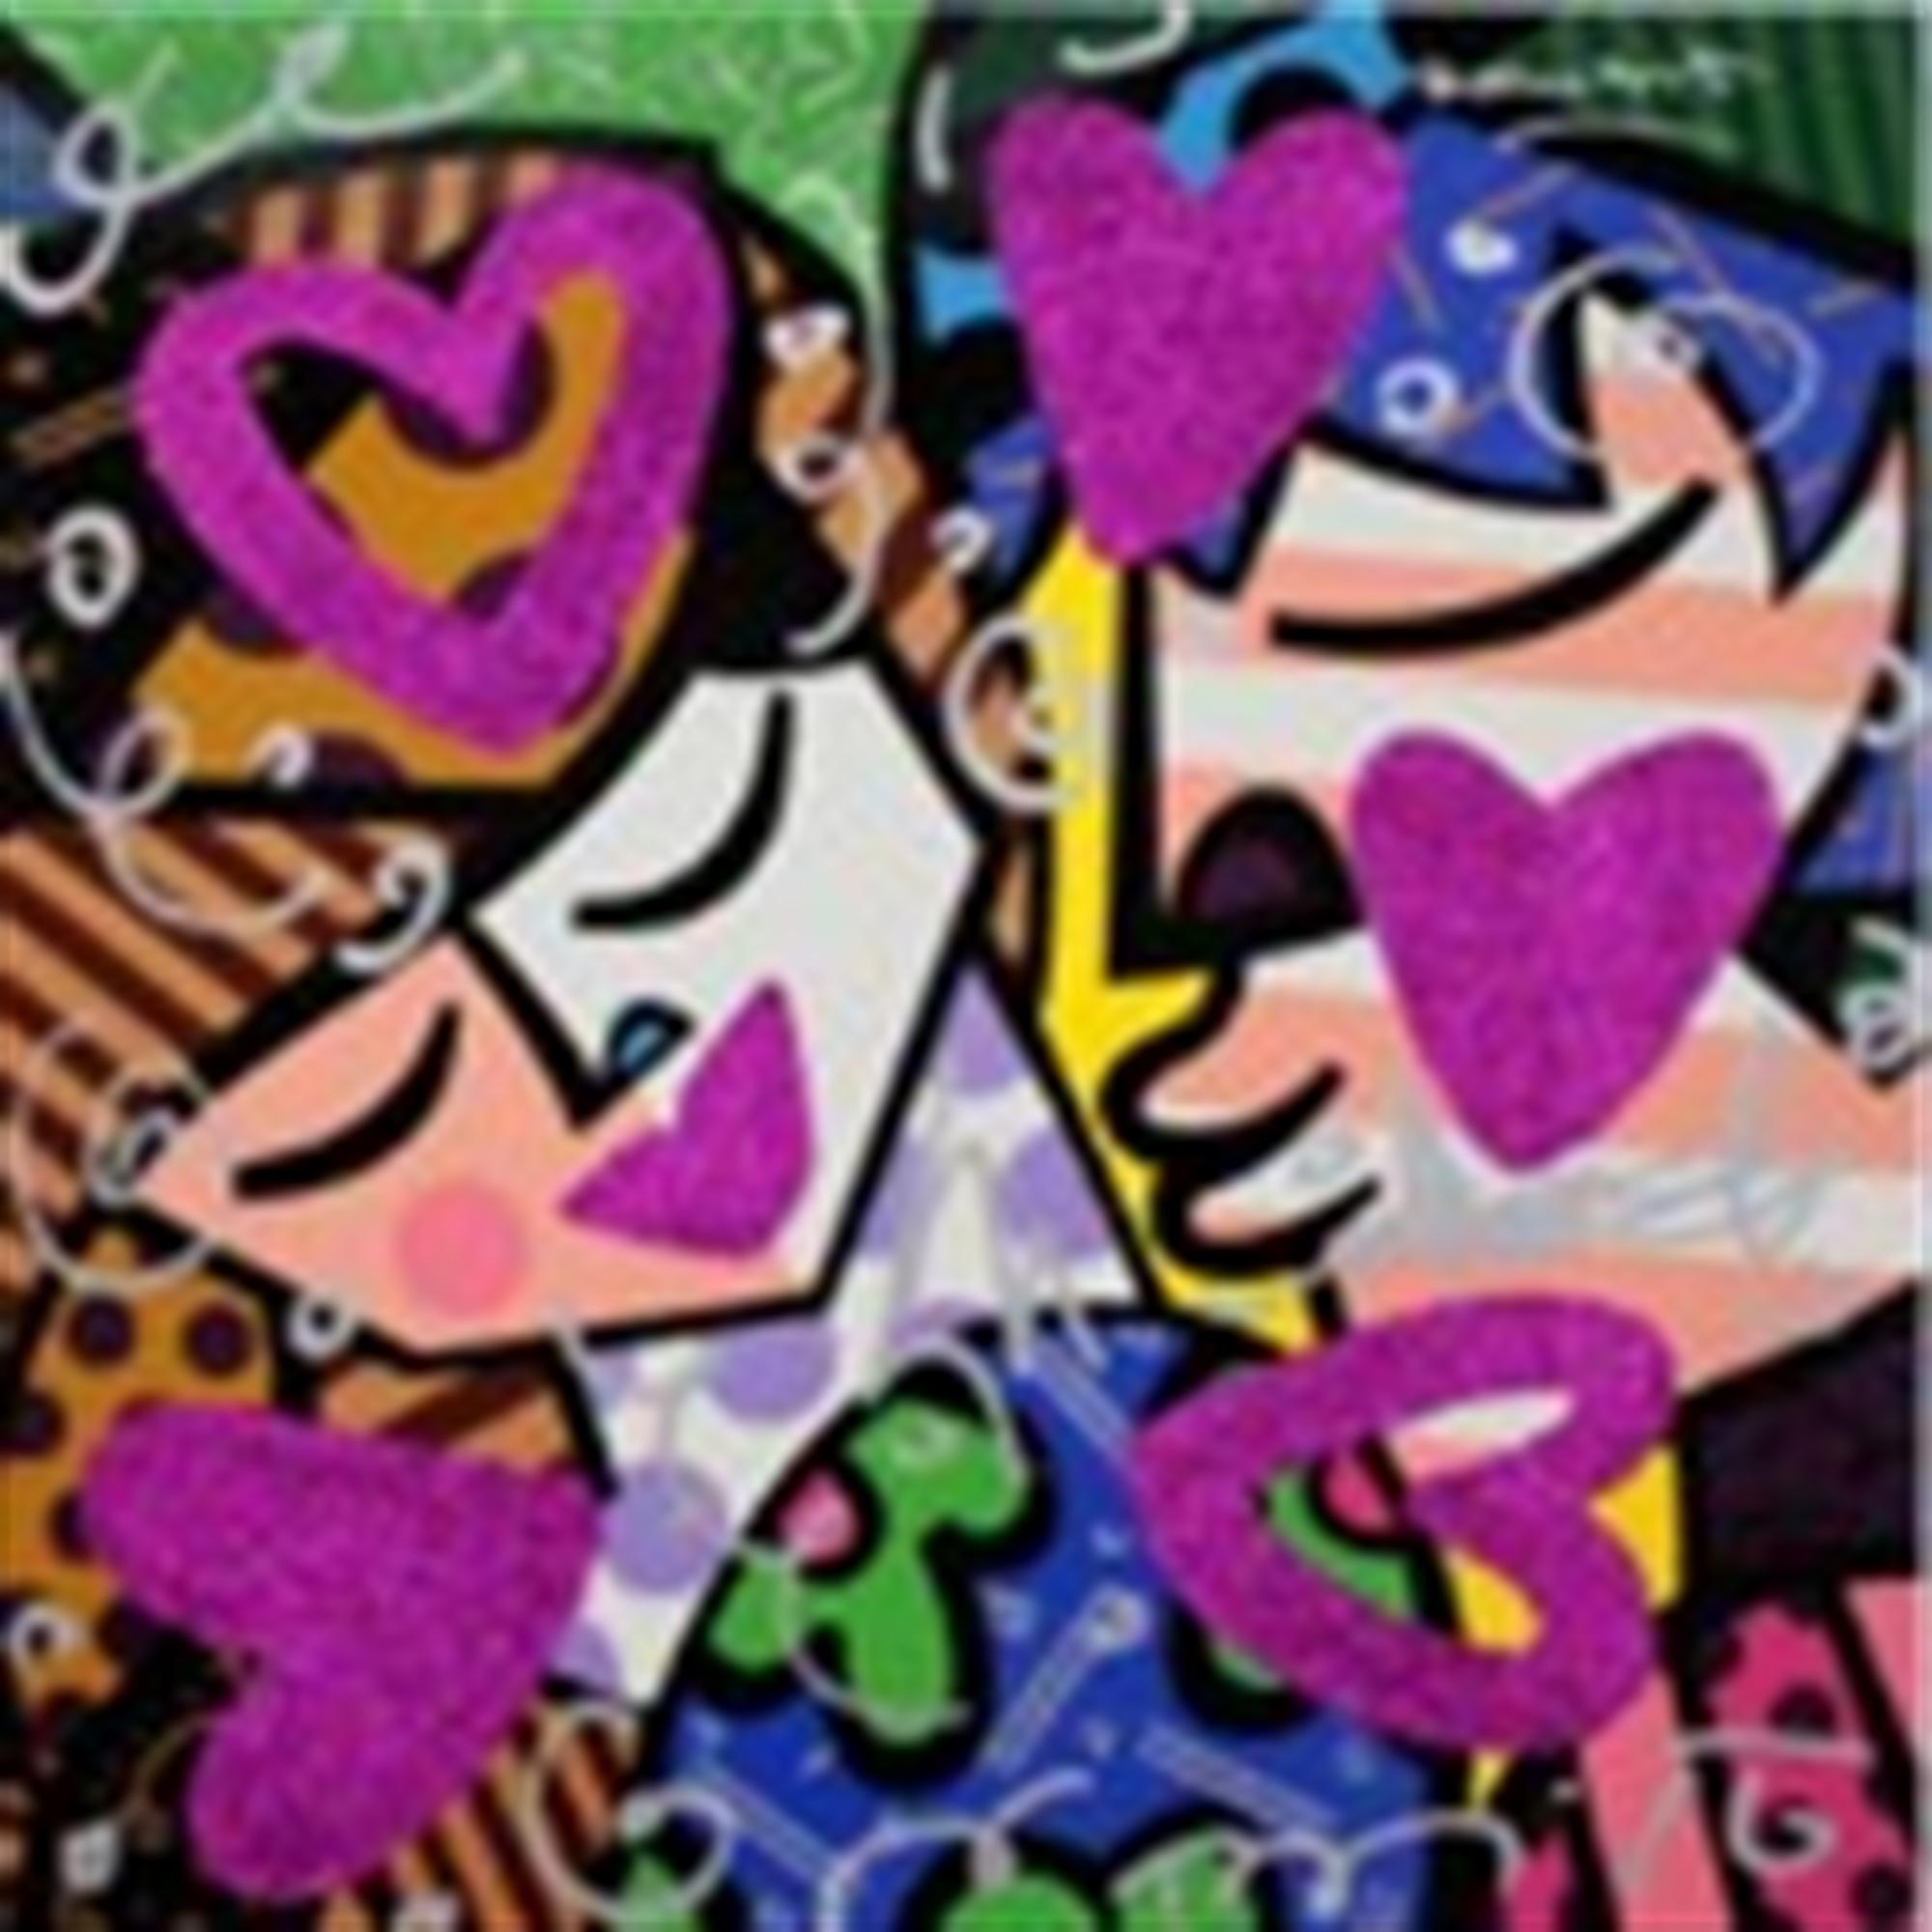 PINK LOVE by Romero Britto